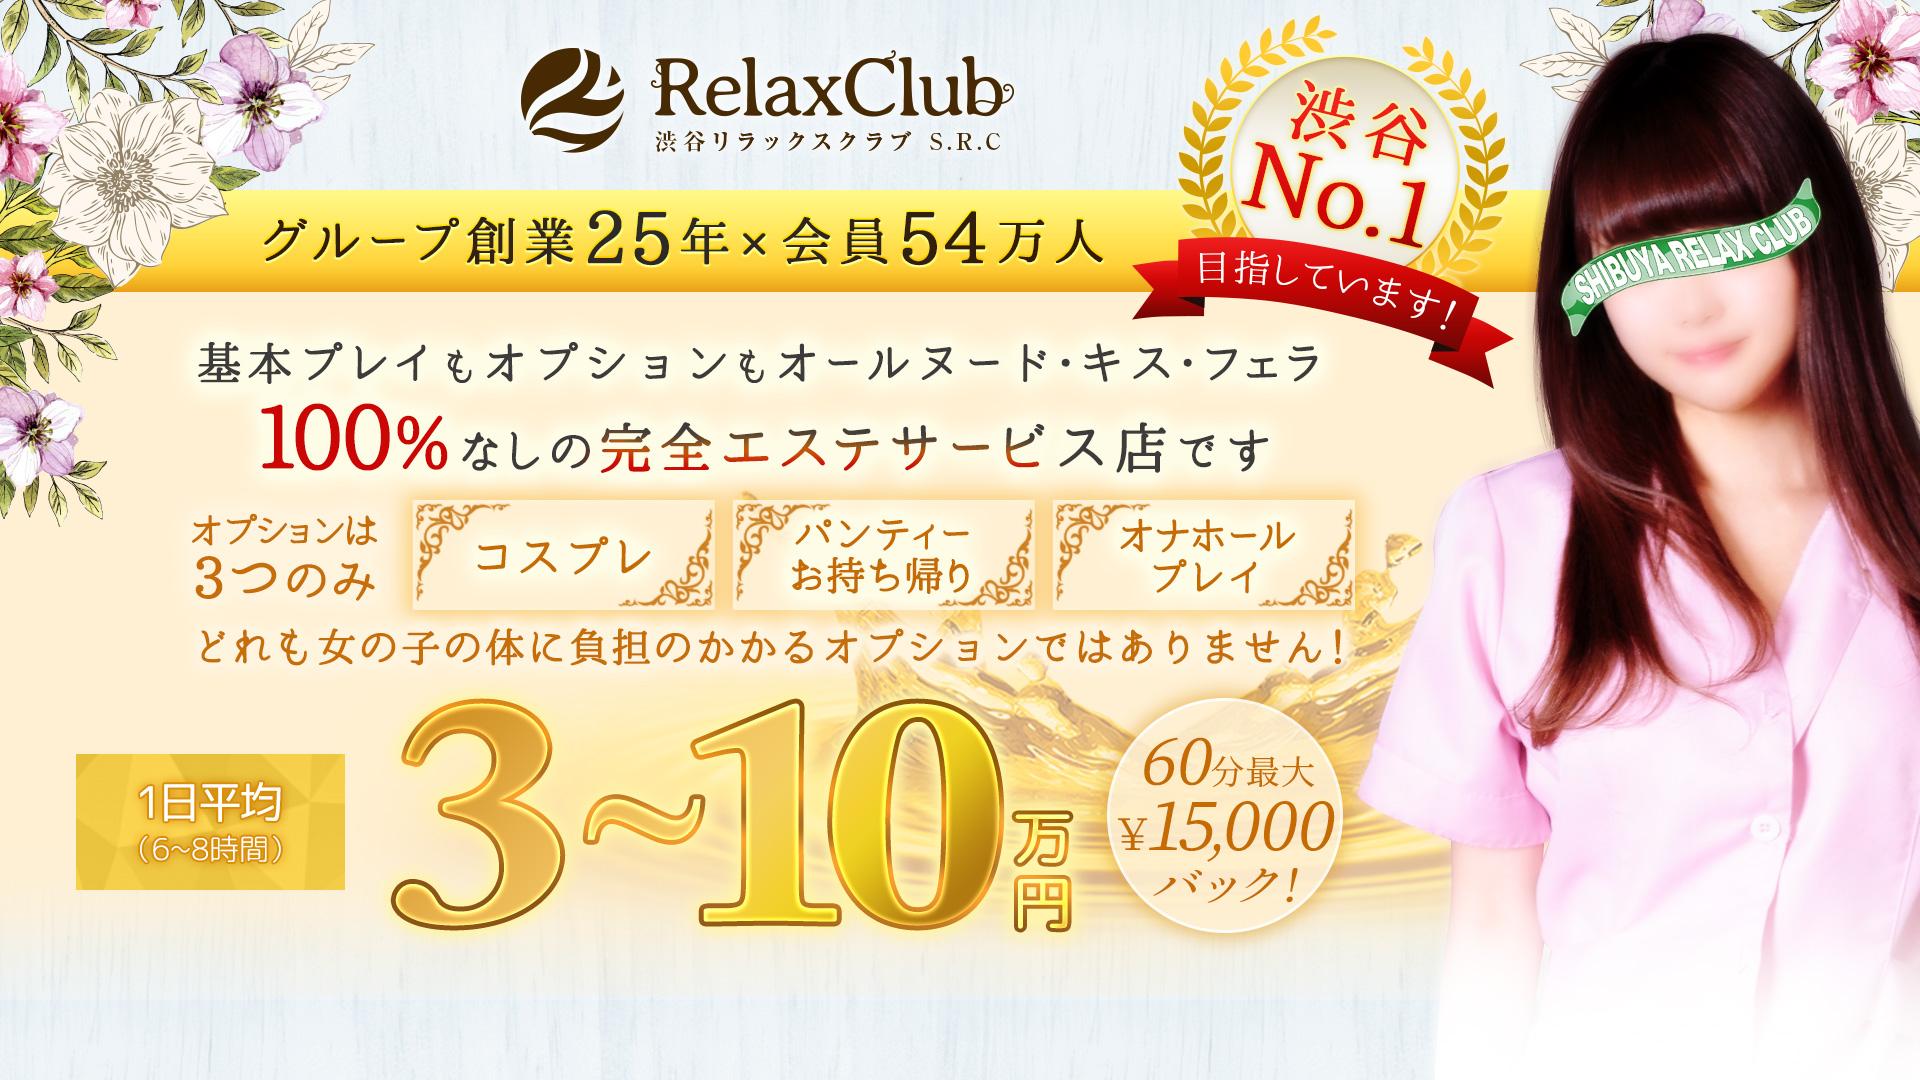 渋谷リラックスクラブ S.R.C